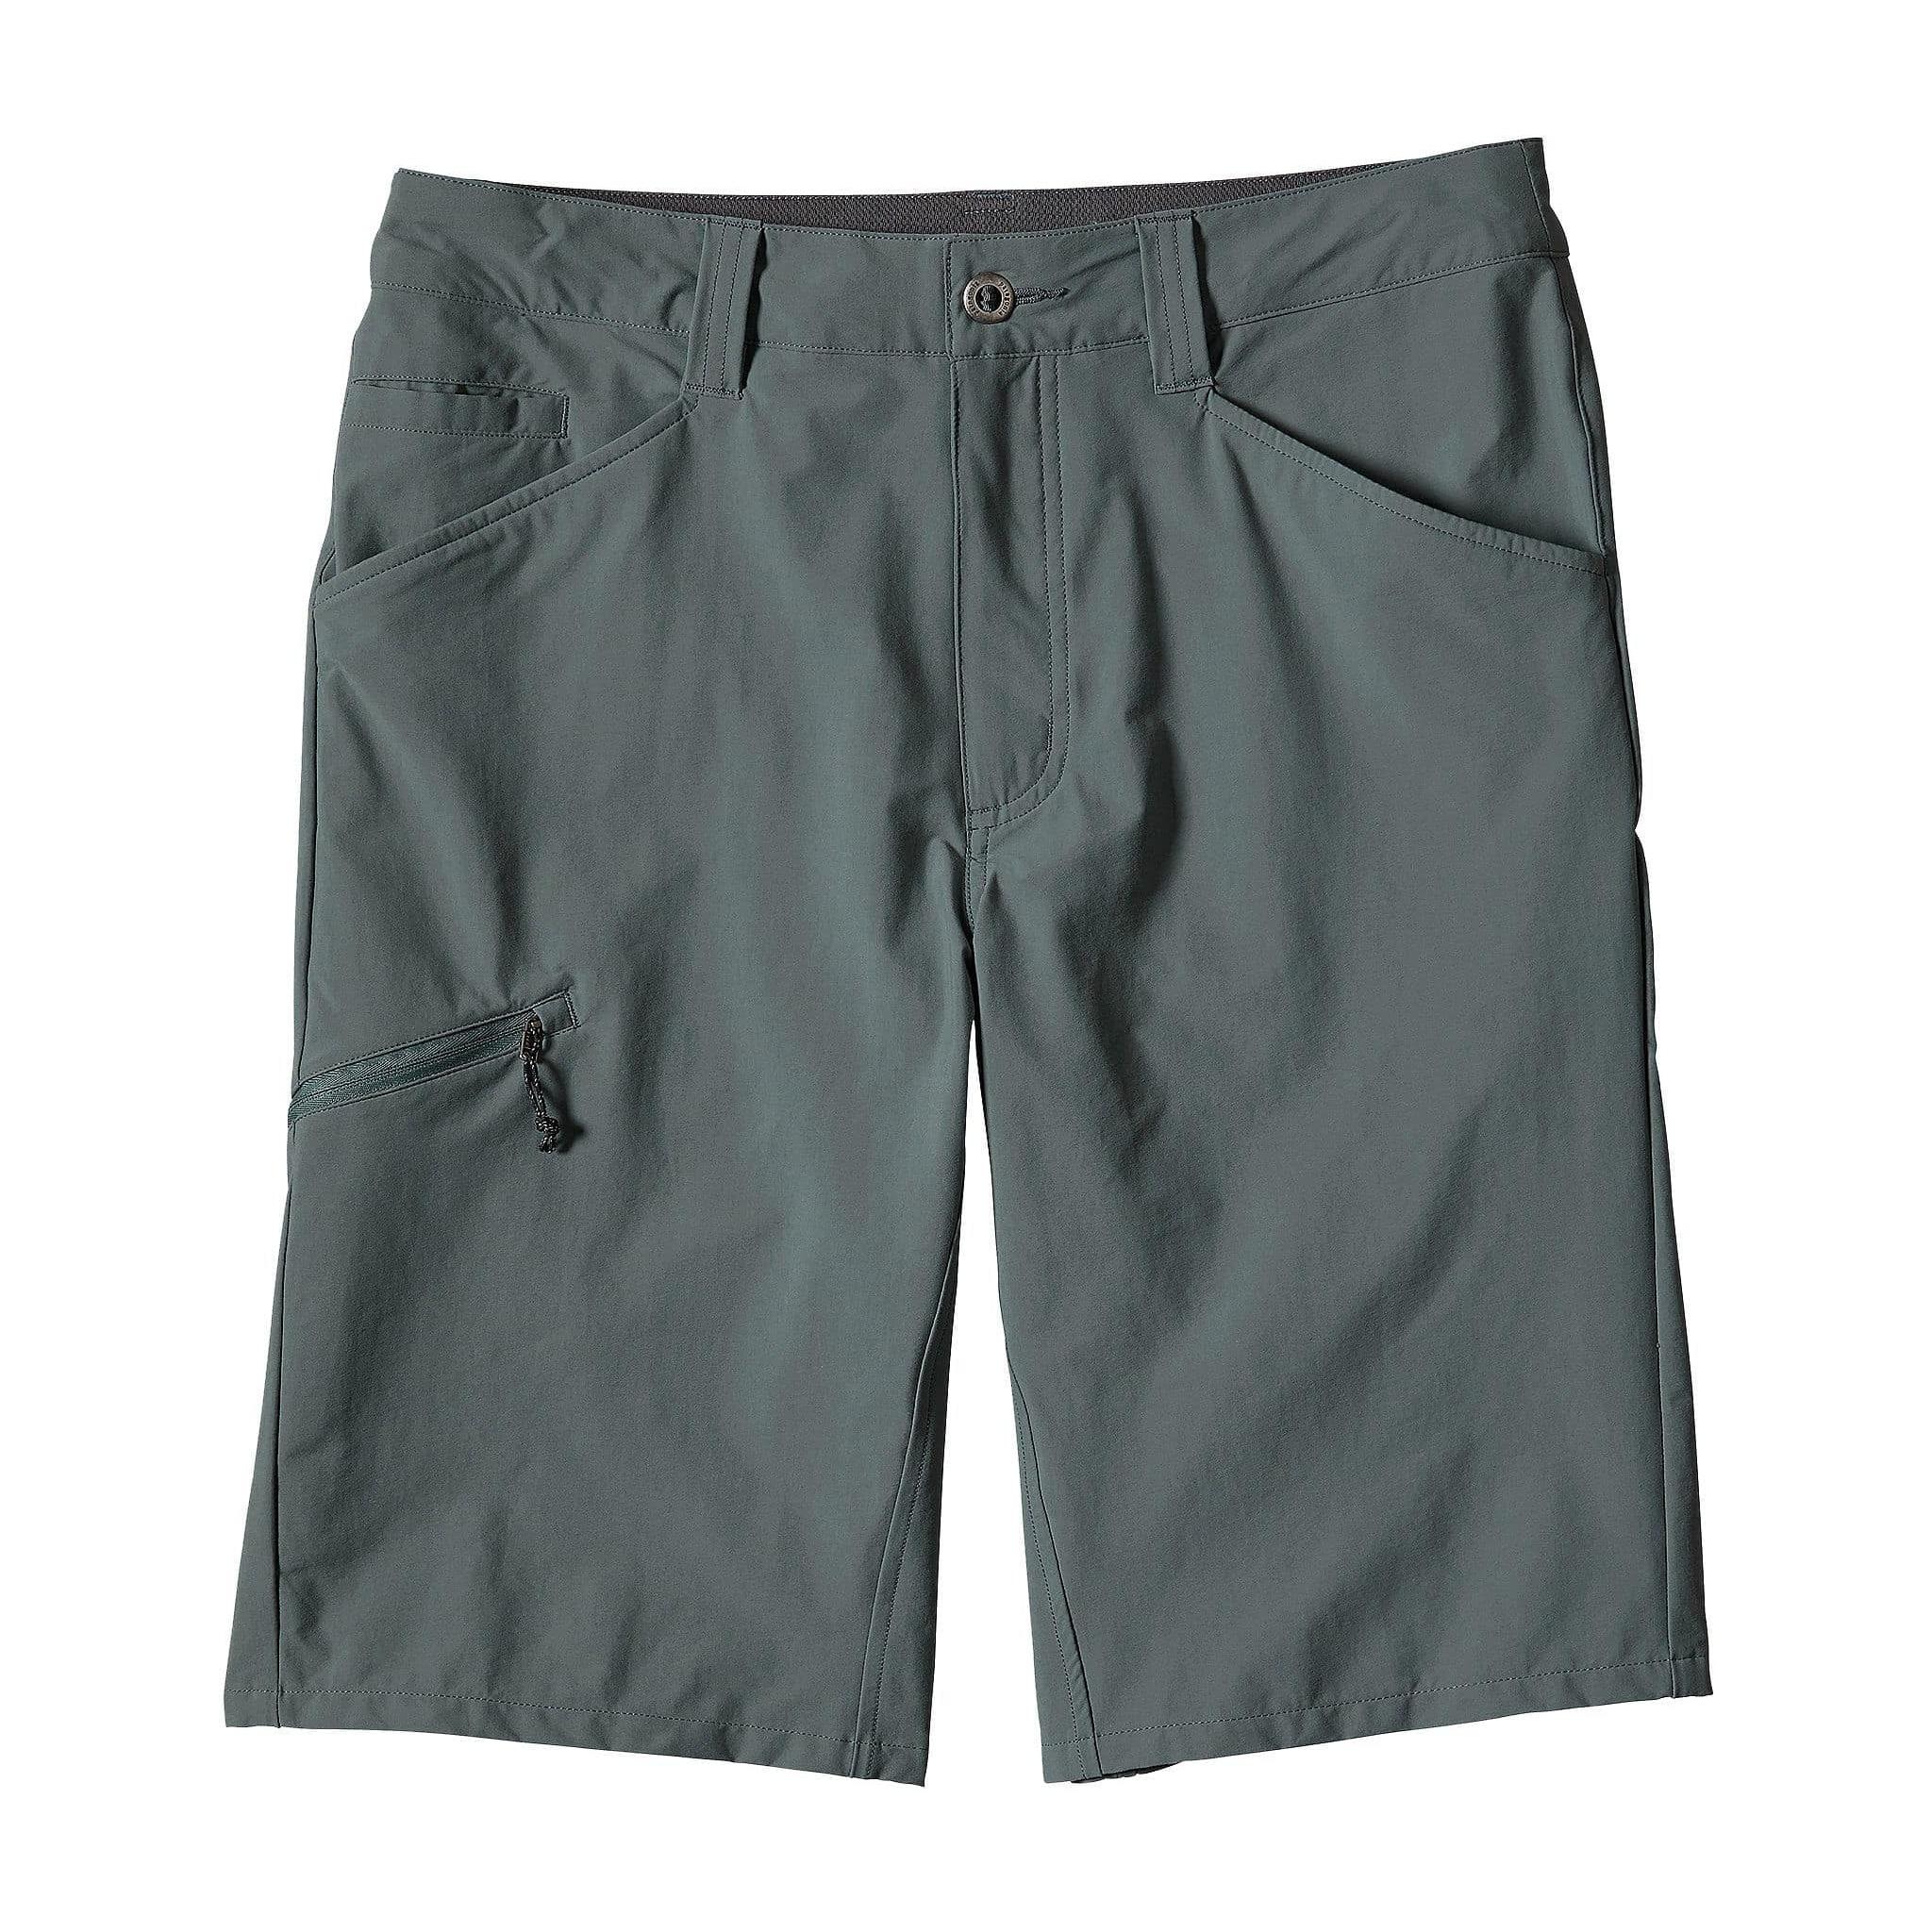 Tynn og lett shorts for reise og fritid